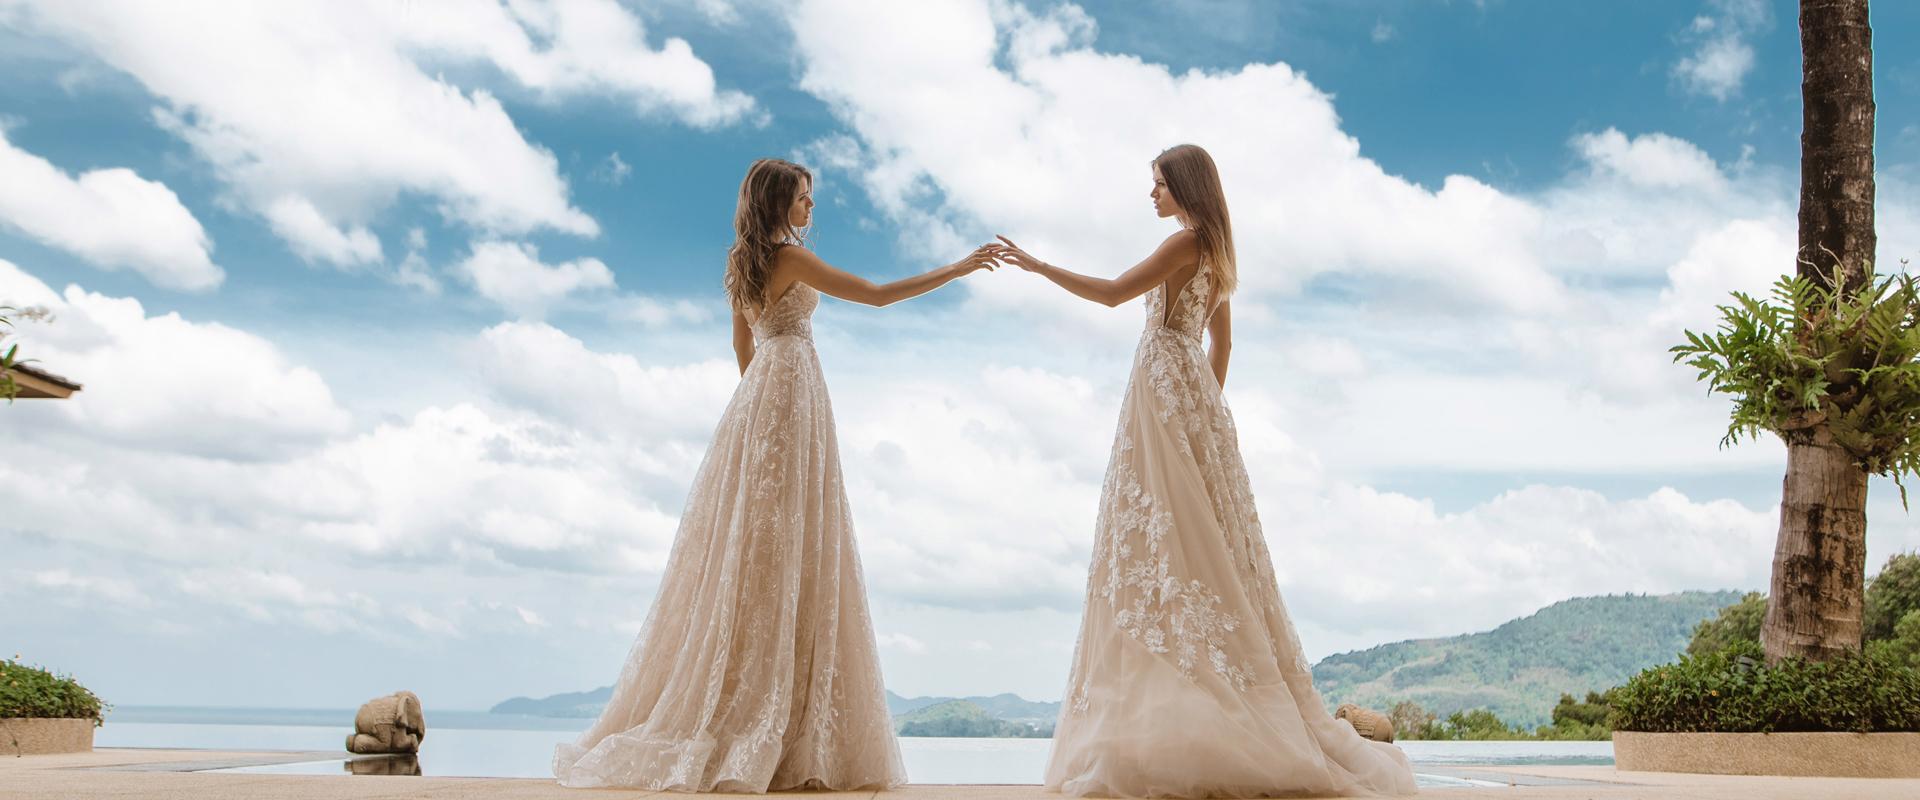 Abito da sposa Dalida Sposa Sartoria Sposa